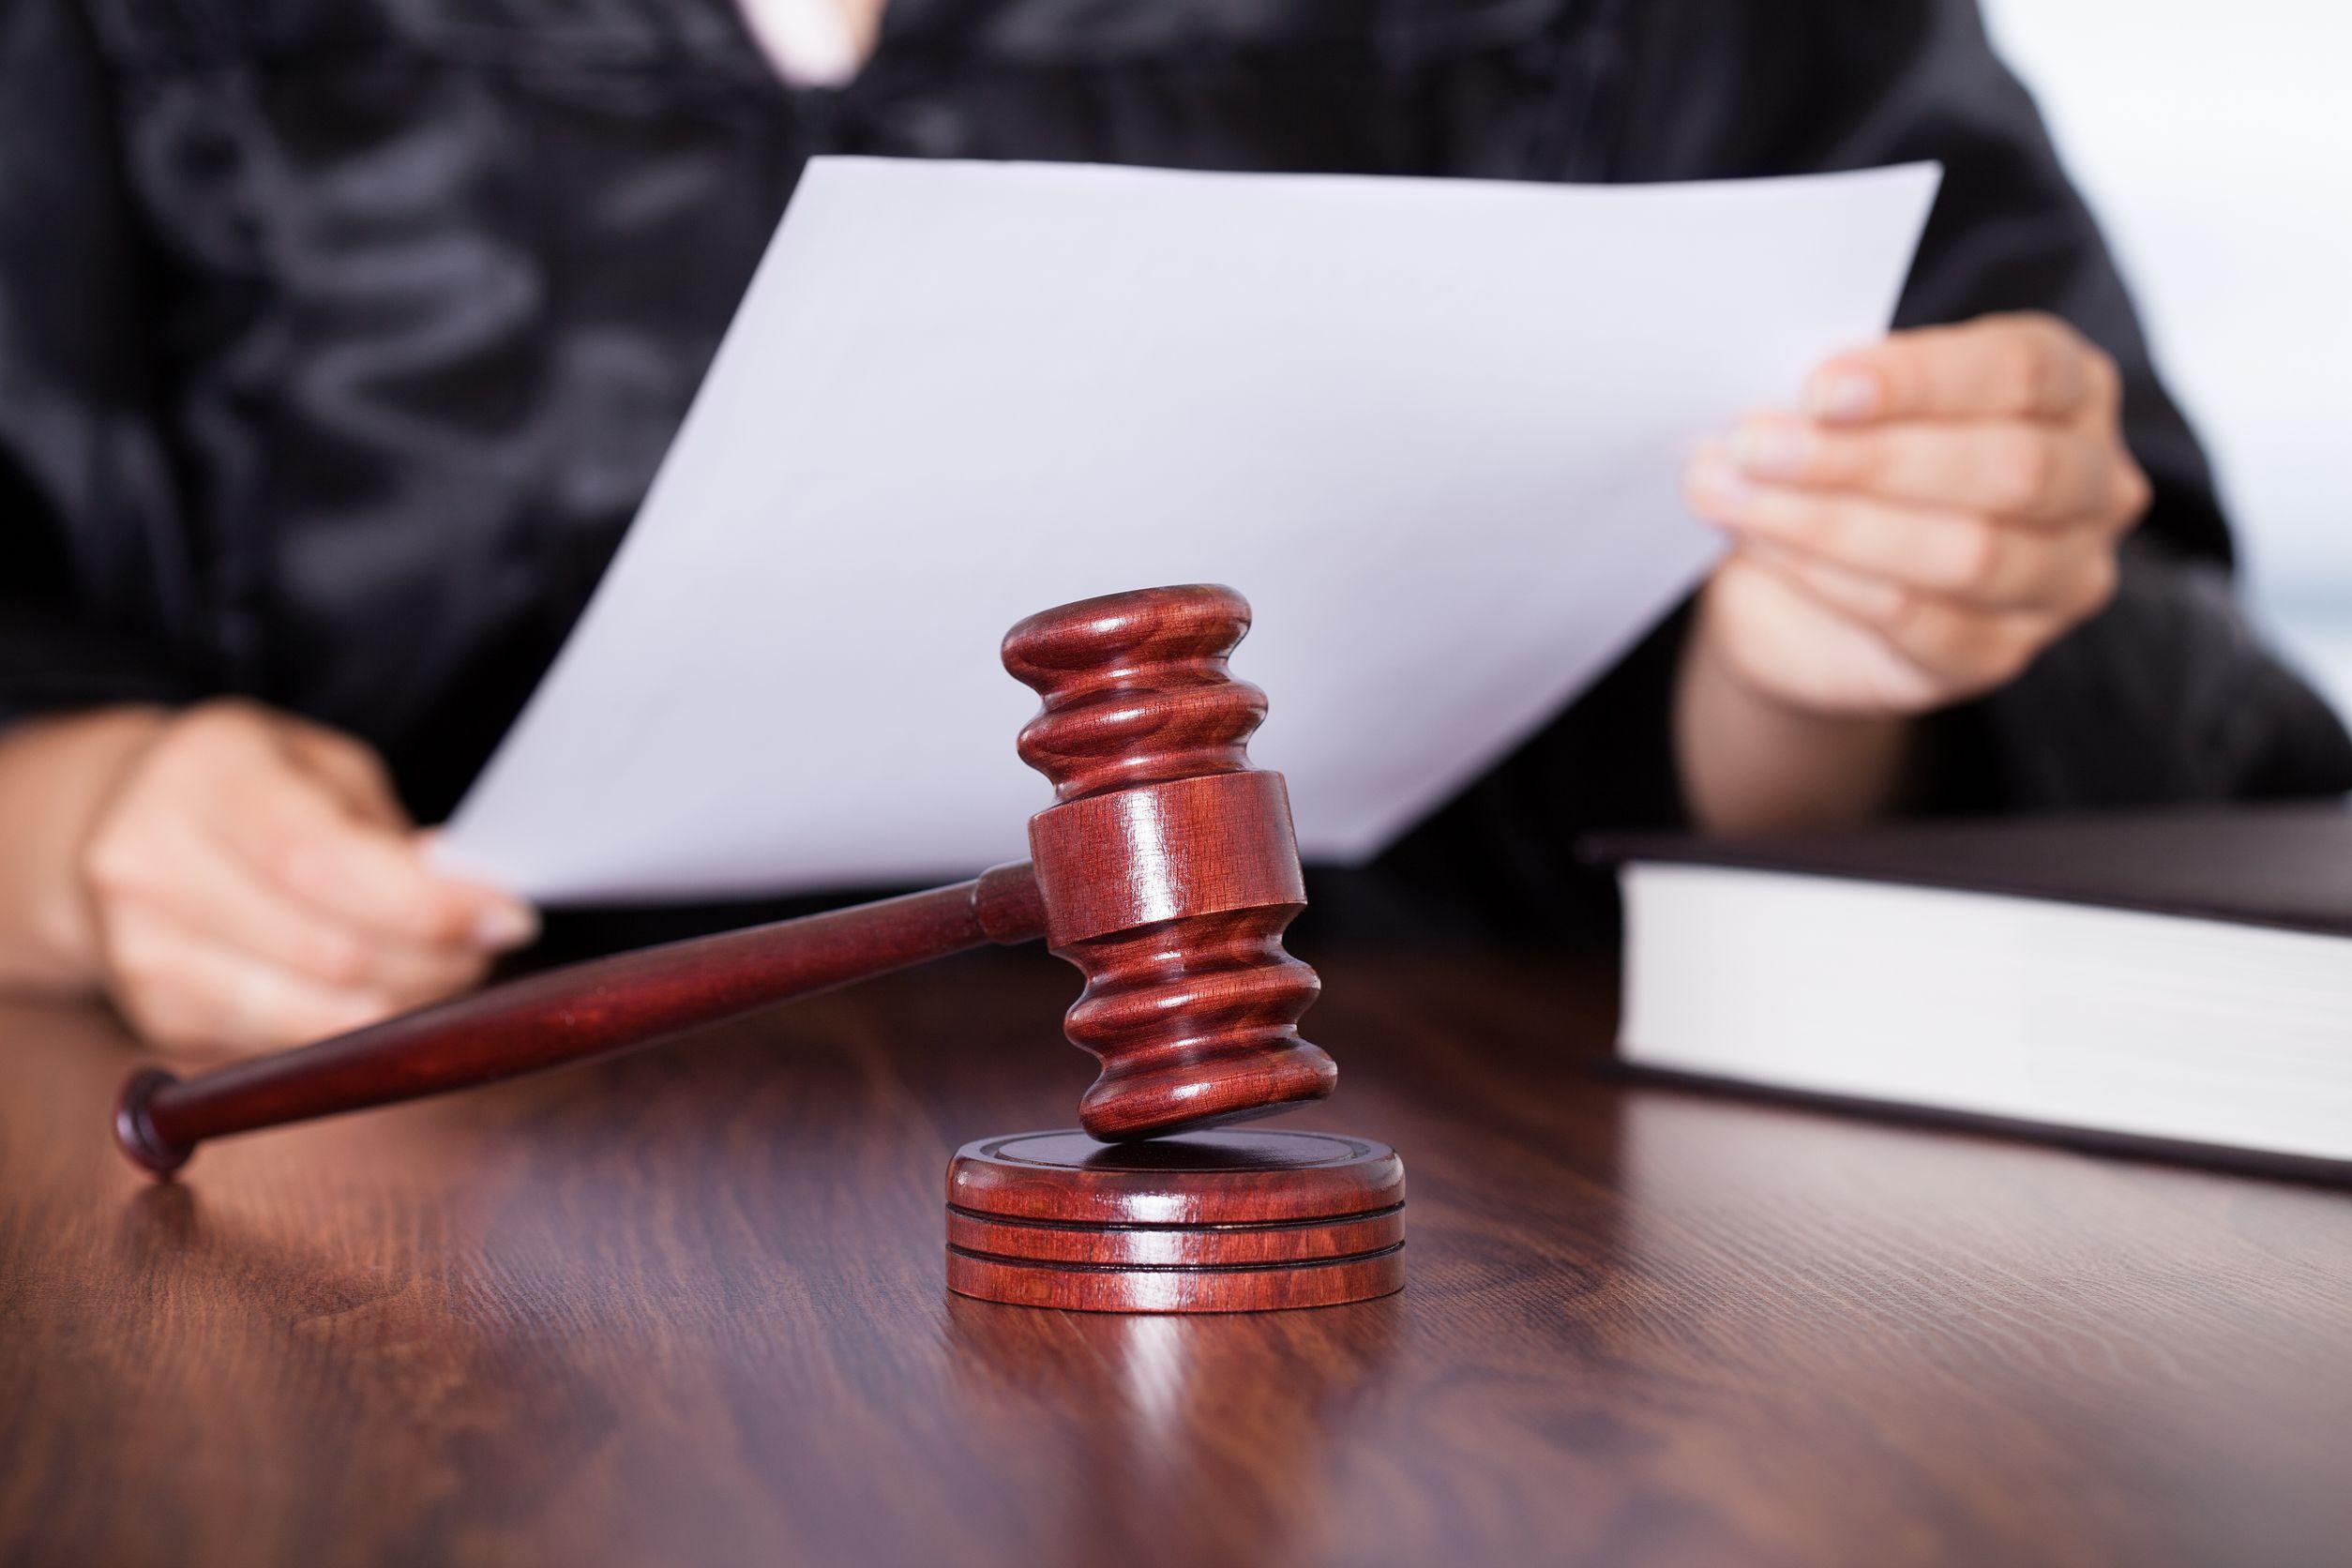 Областной суд отменил оправдательный приговор фельдшеру по делу о смерти заключённого